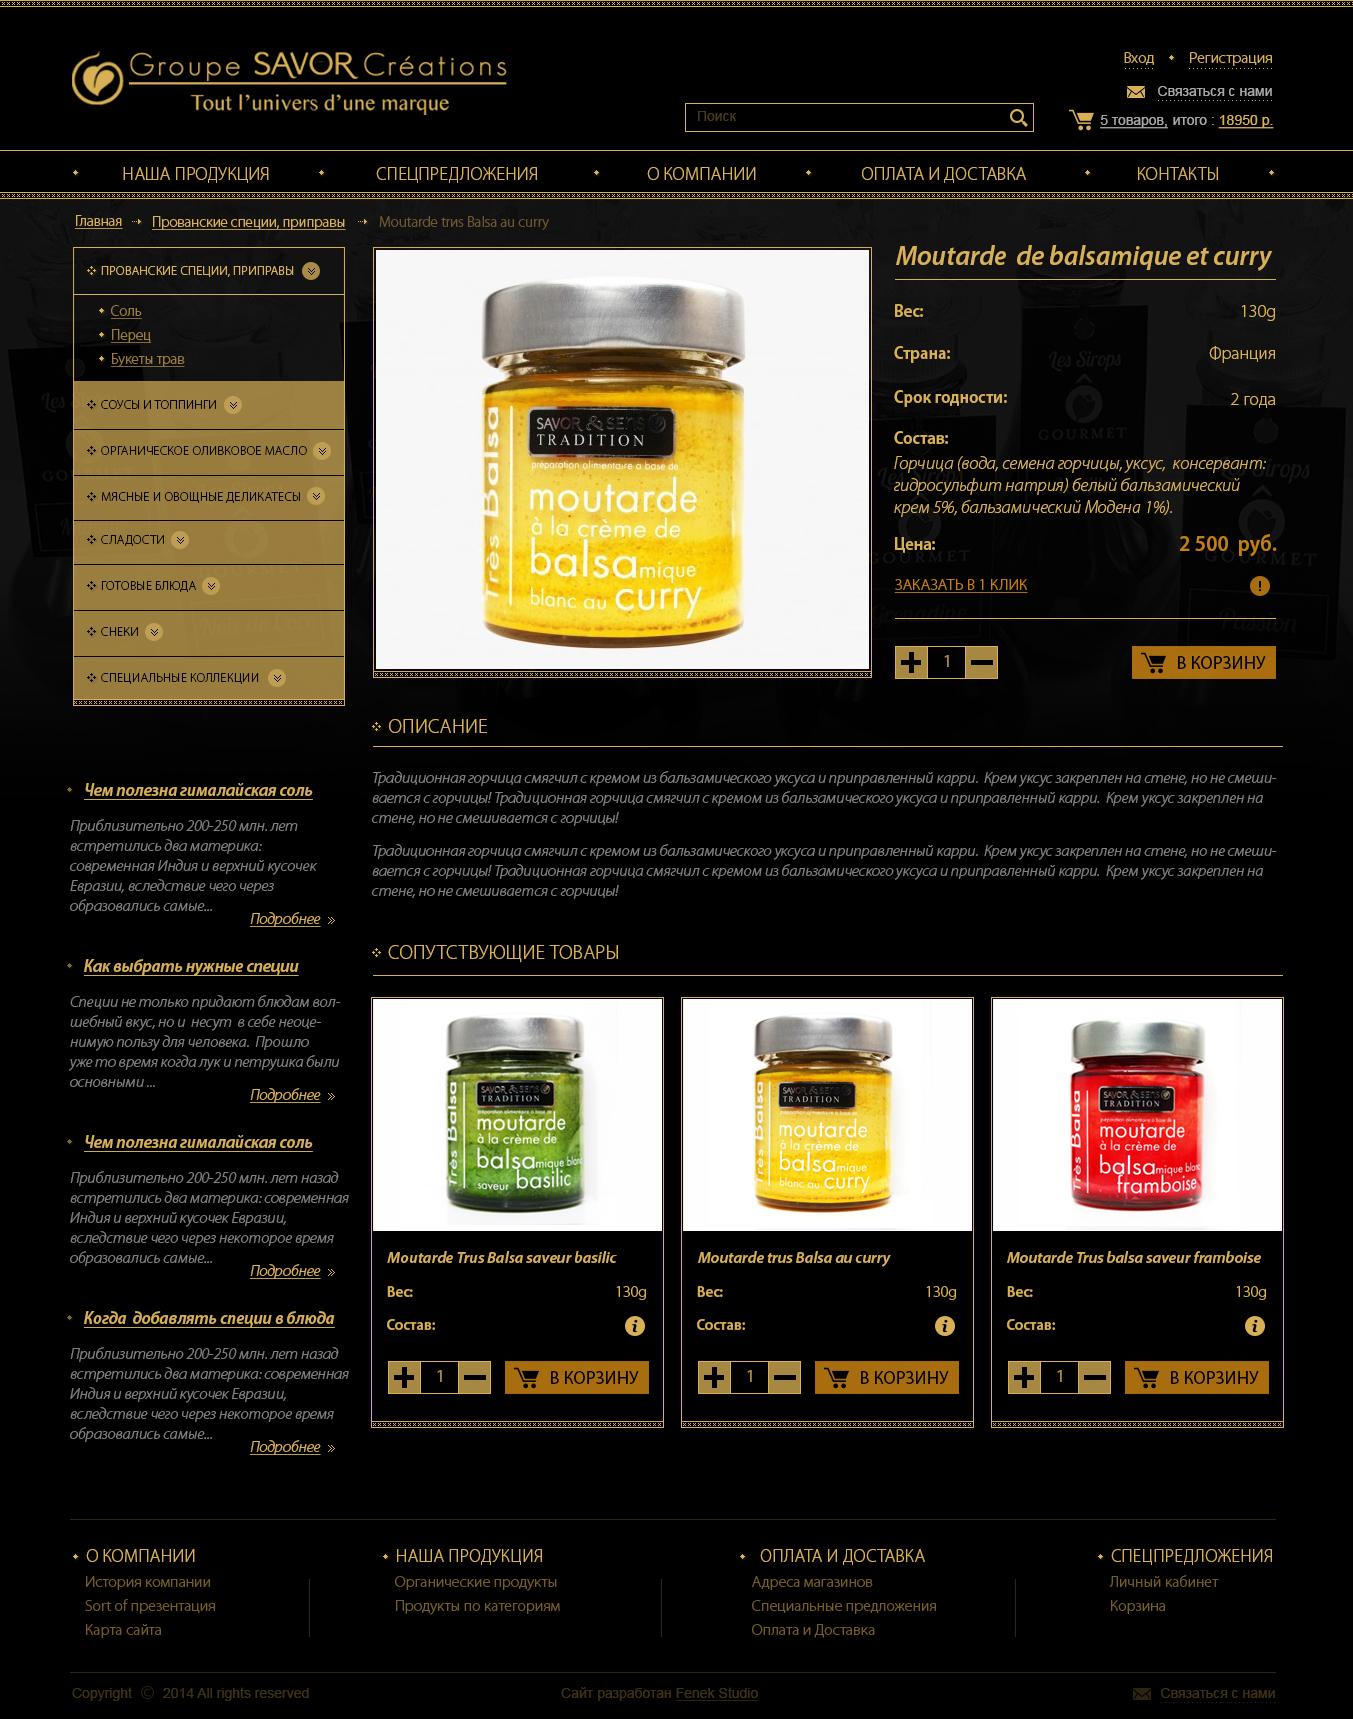 Разработка дизайна Главной и внутренних страниц сайта для Group Savor(+ верстка)